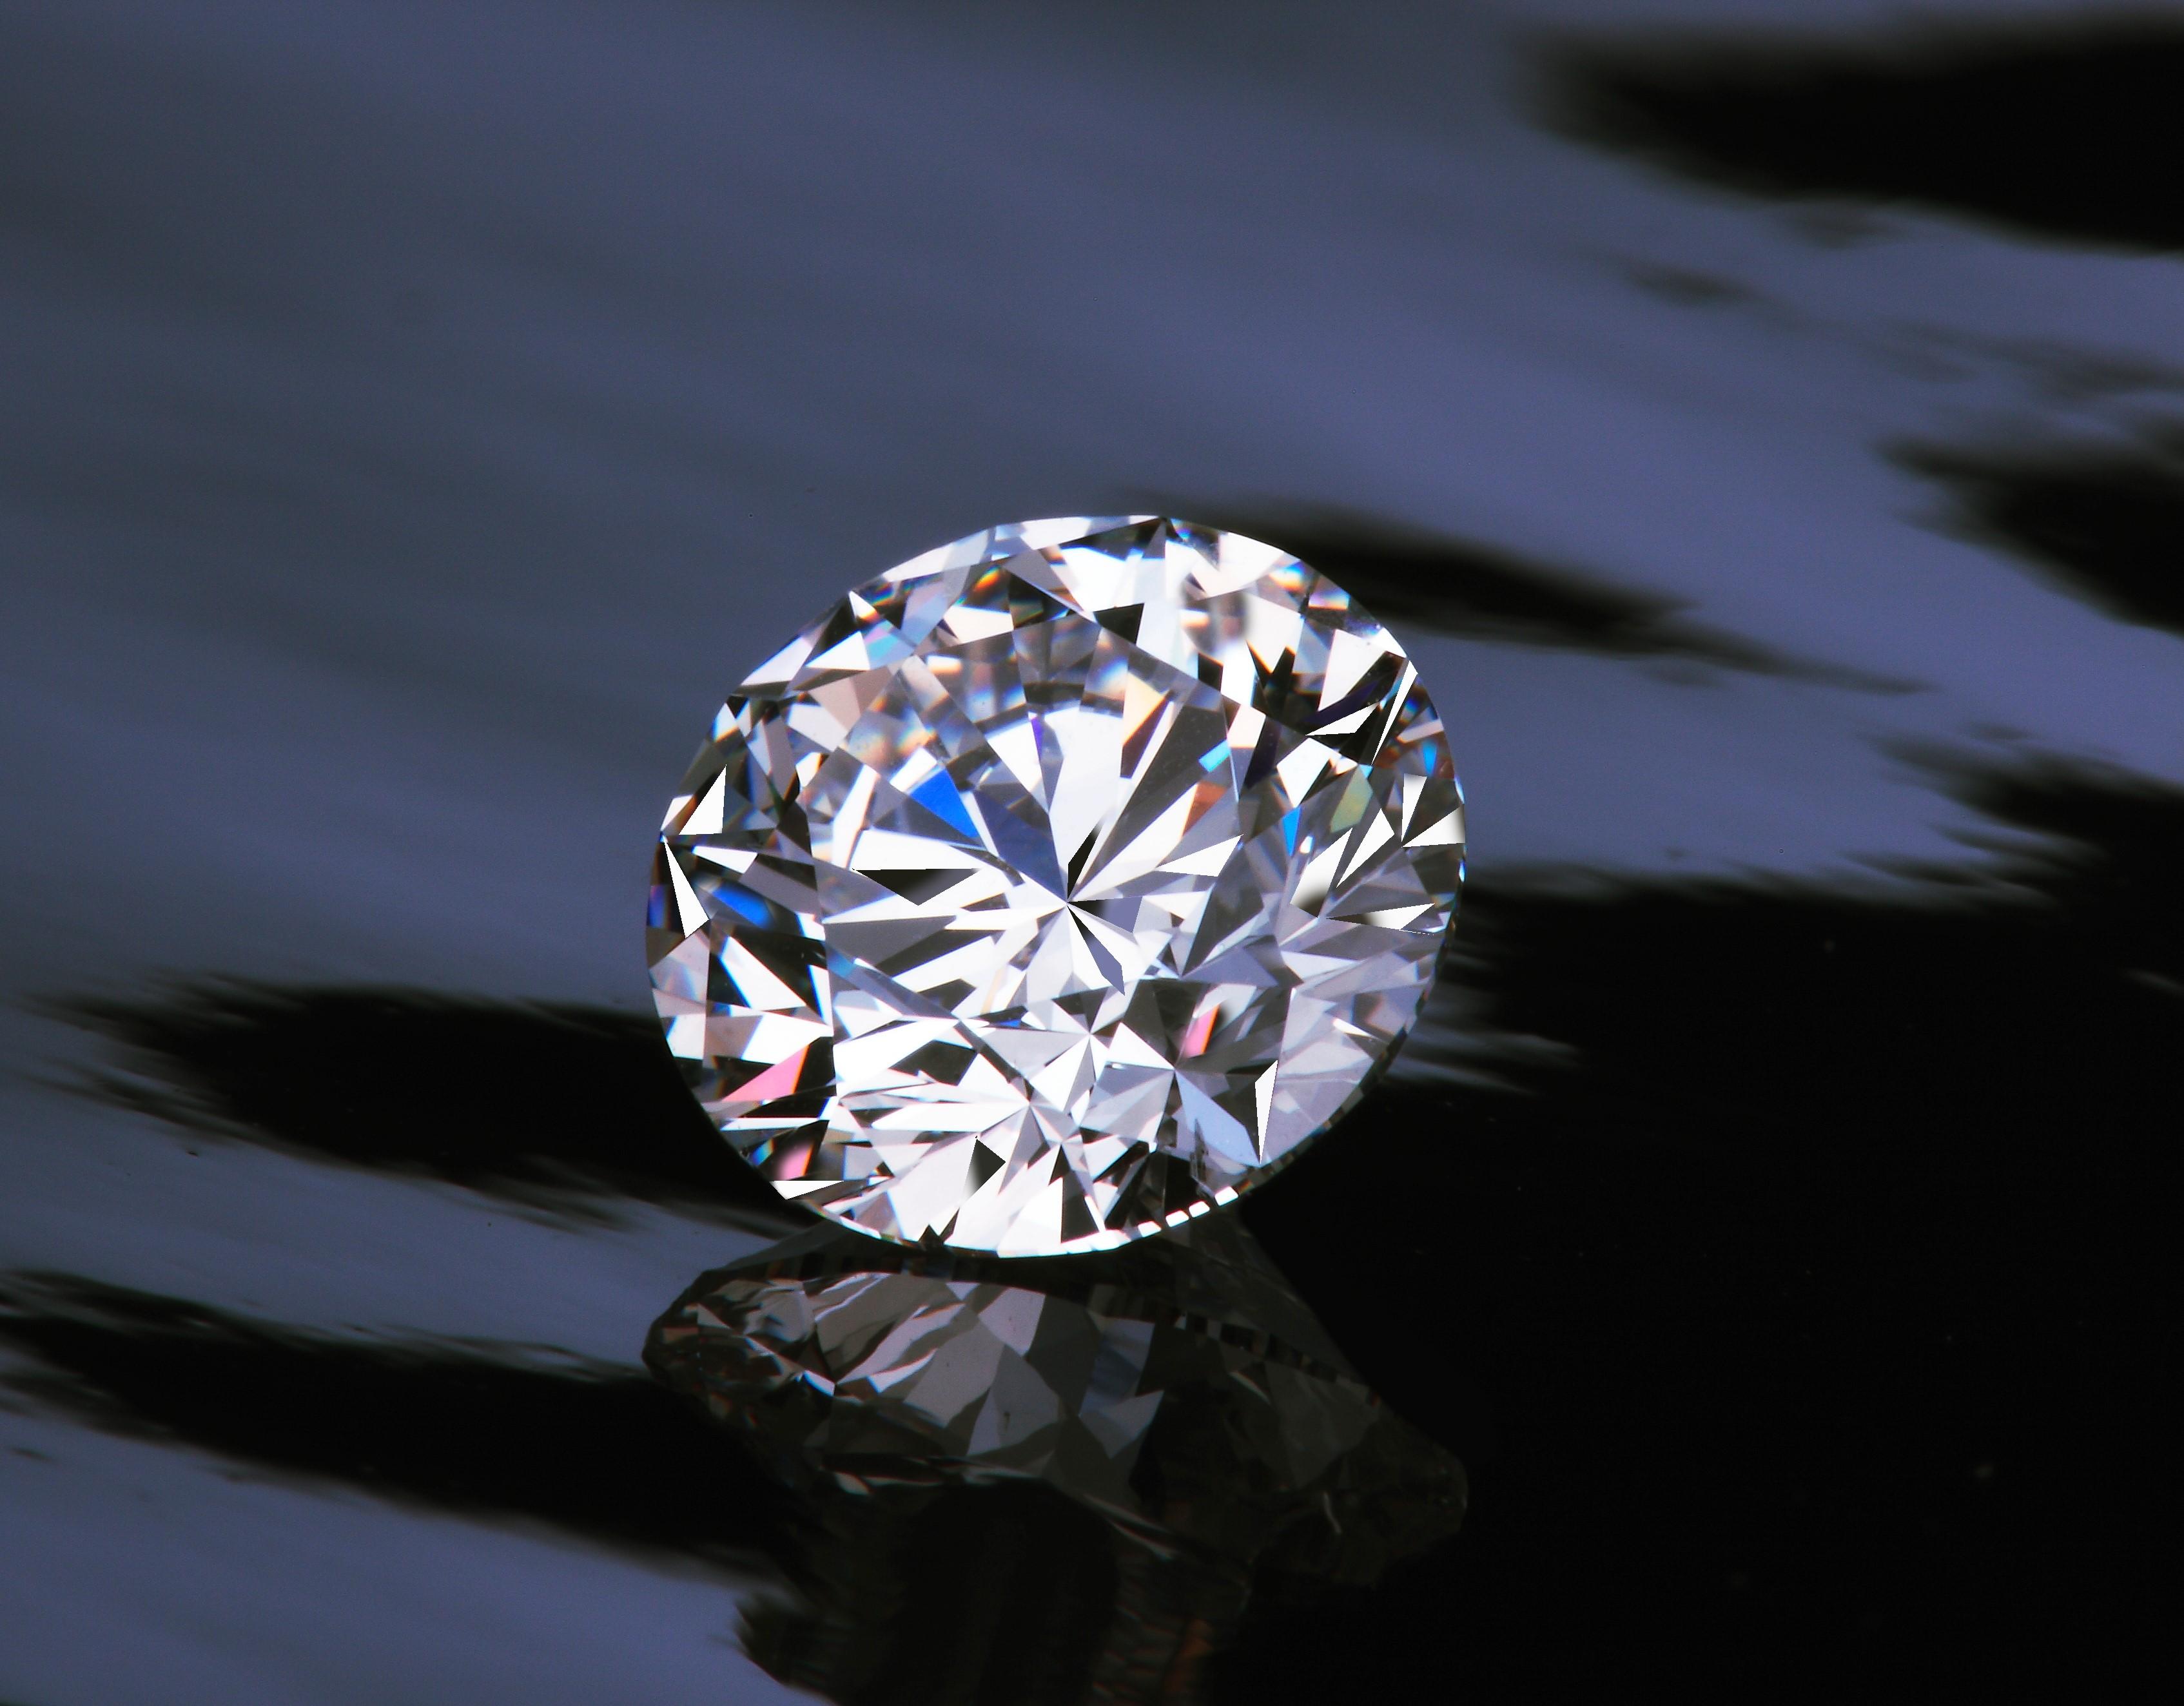 ダイヤモンドの4Cの優先順位とは?どれを重視すべきかタイプ別にご紹介